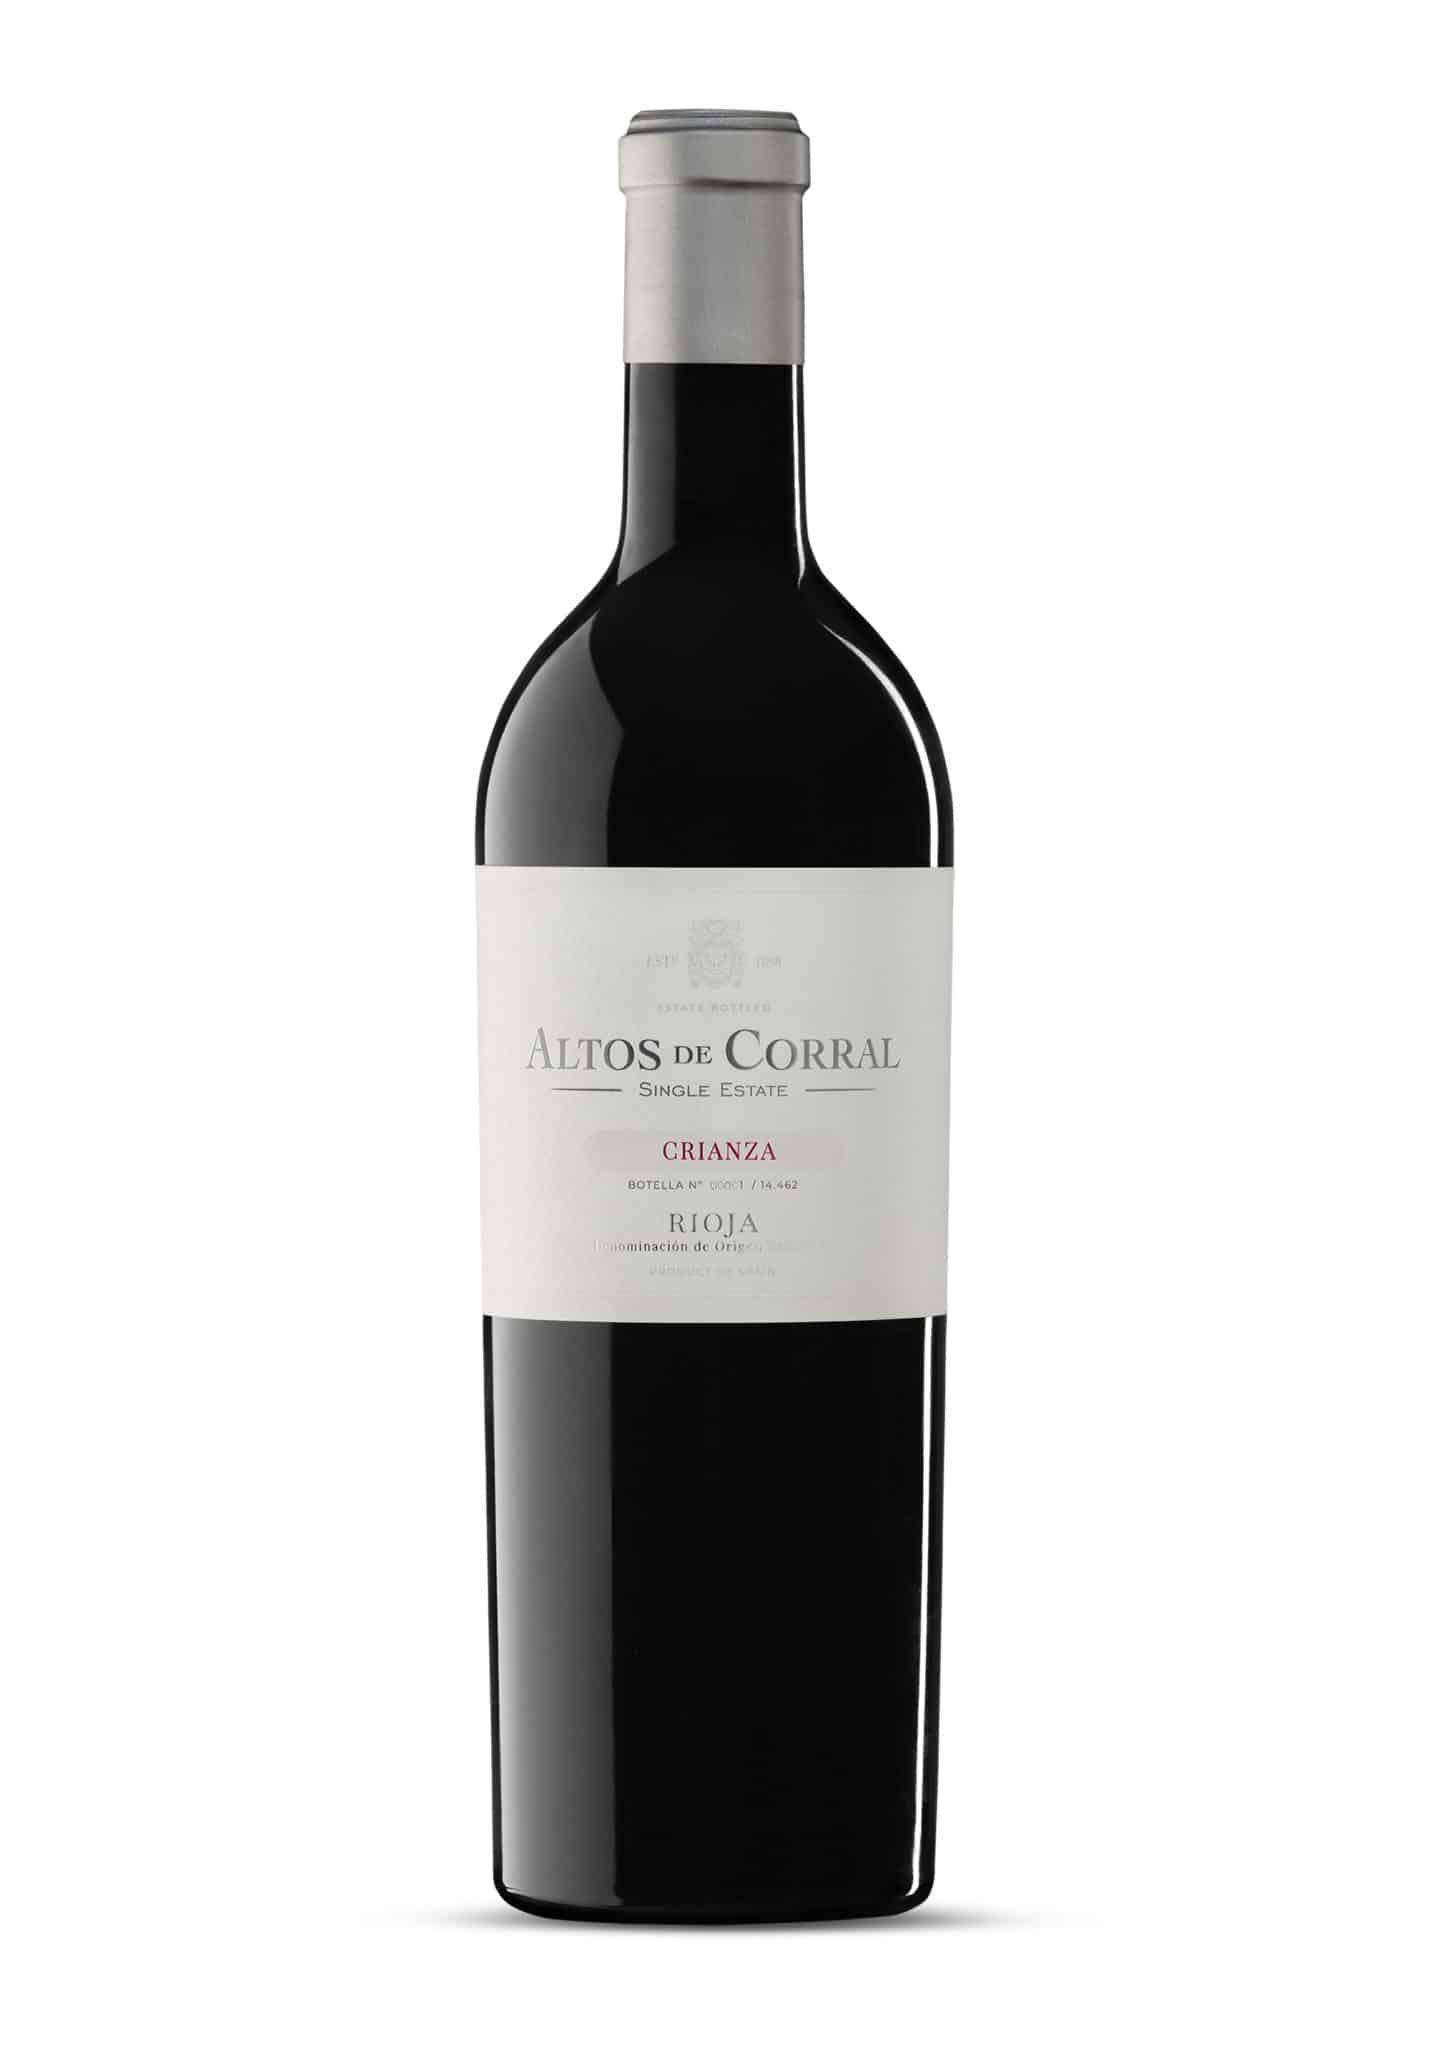 Altos de Corral, el vino ecológico de la bodega de Navarrete, cambia de imagen 1